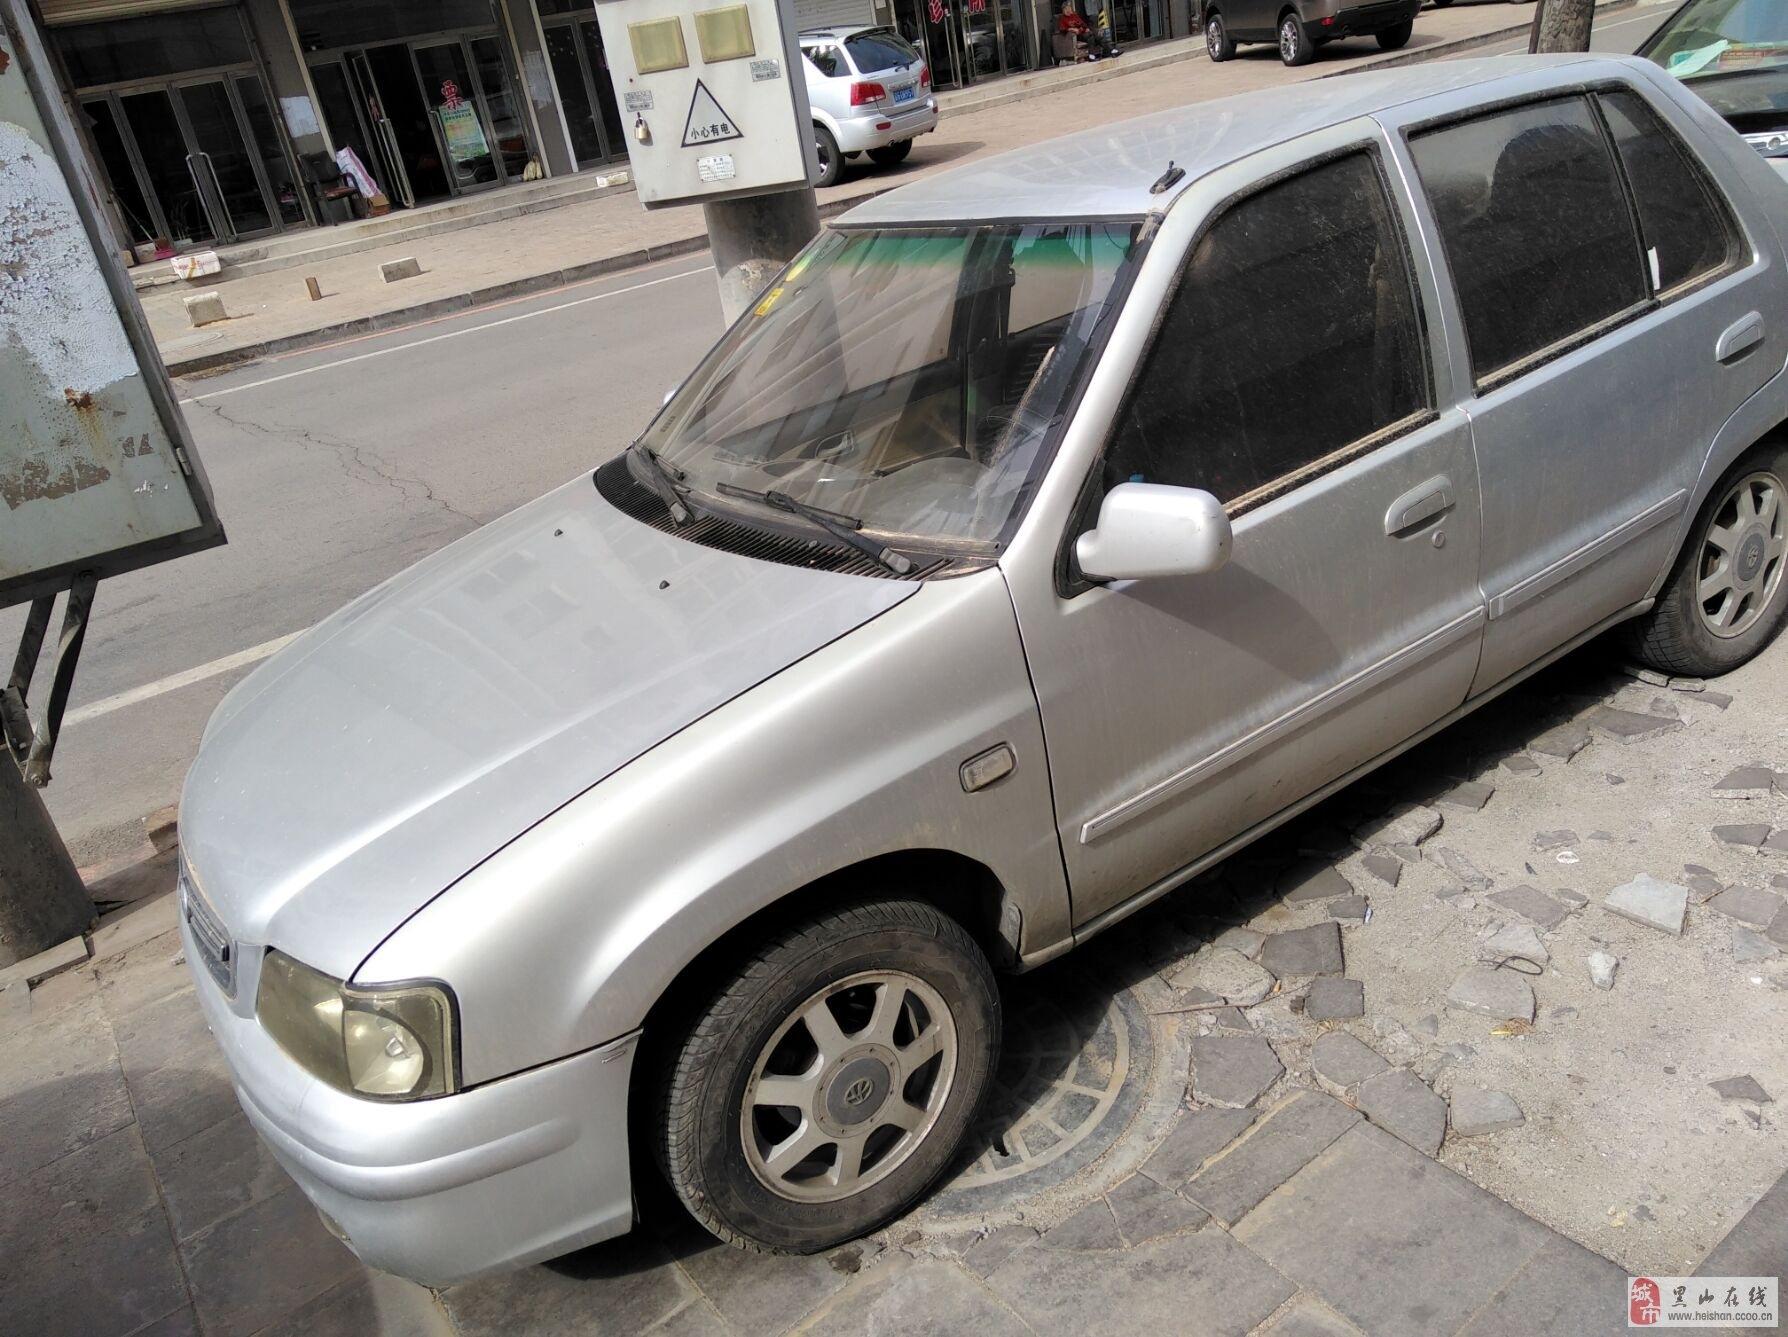 11年夏利A+新交保险,新轮胎换车便宜卖